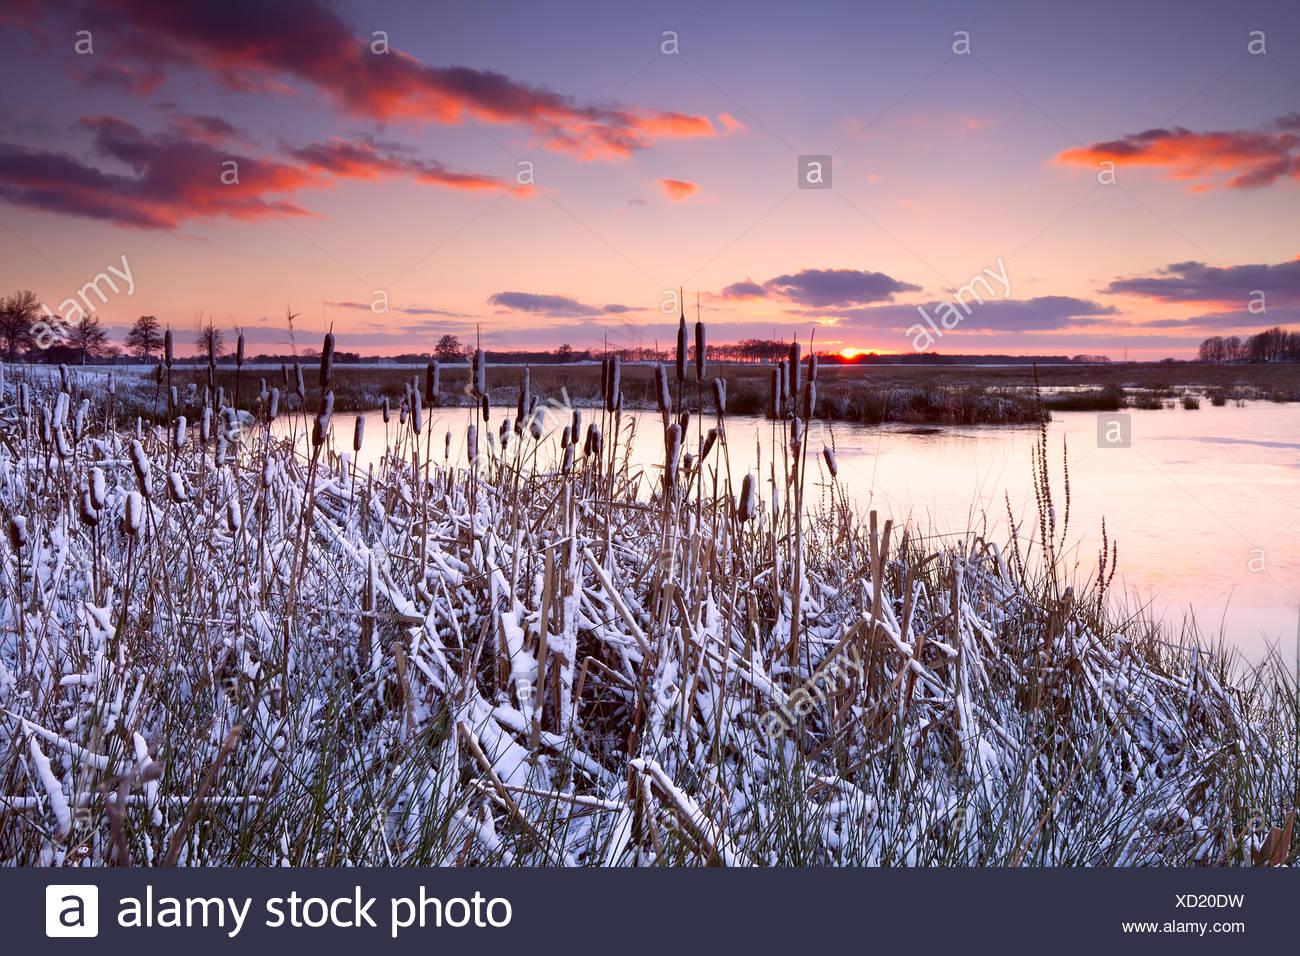 dramatic sunrise over frozen lake Stock Photo